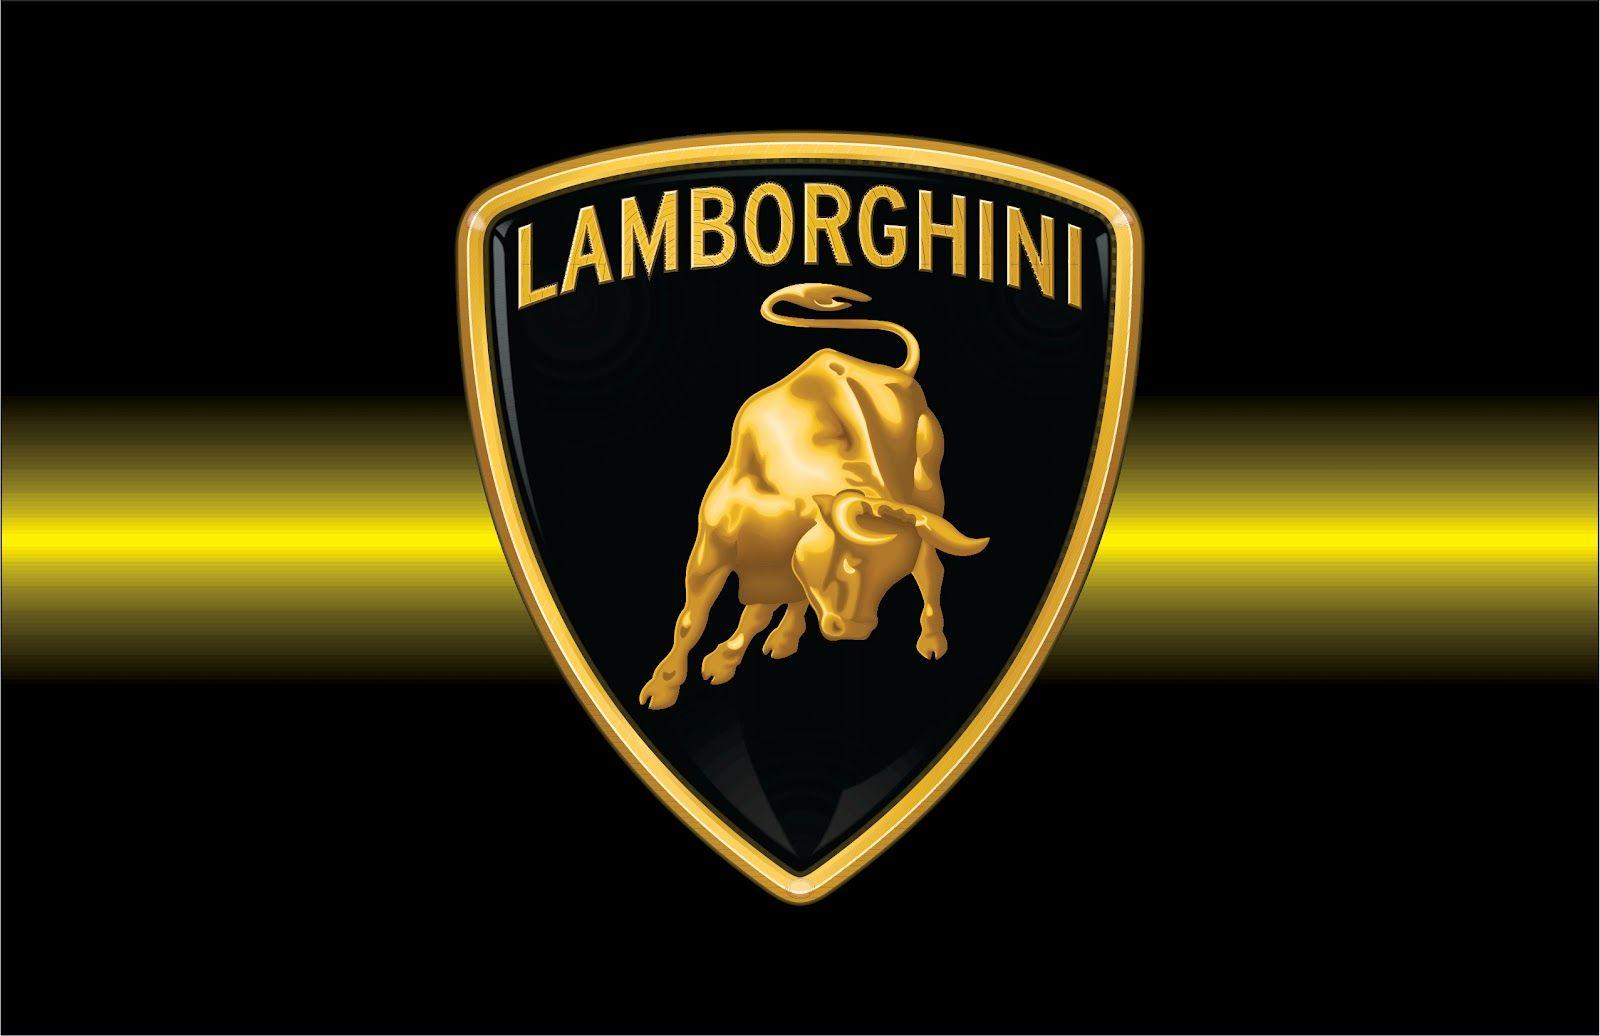 Pin By Stephen Milone On Pop Art Lamborghini Lamborghini Supercar